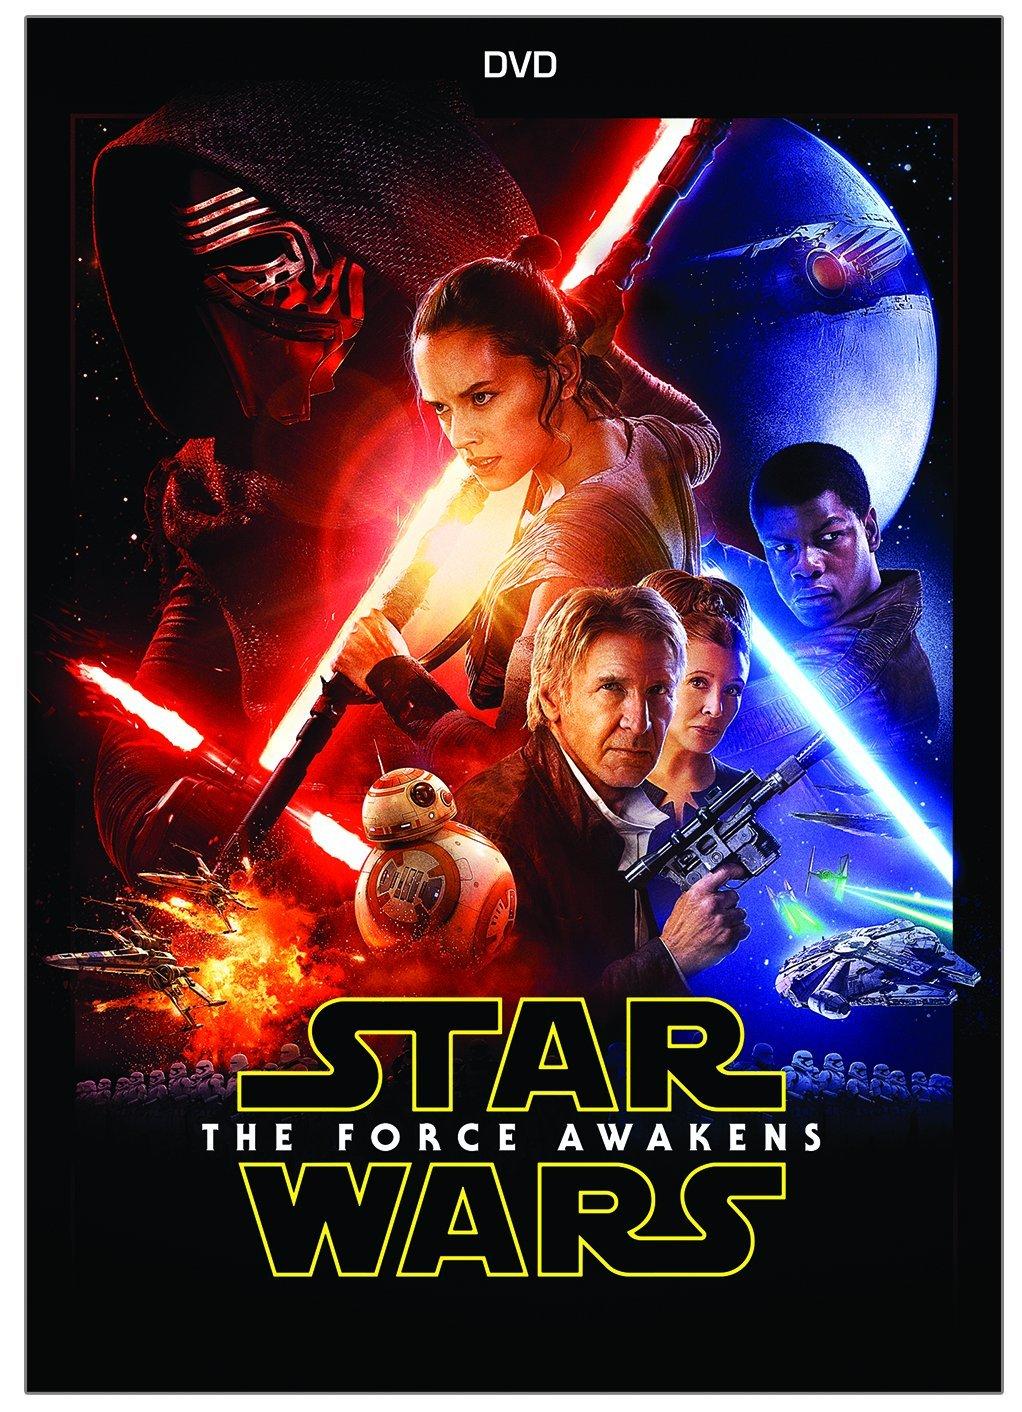 Star Wars : The Force Awakens, un film de paresseux?